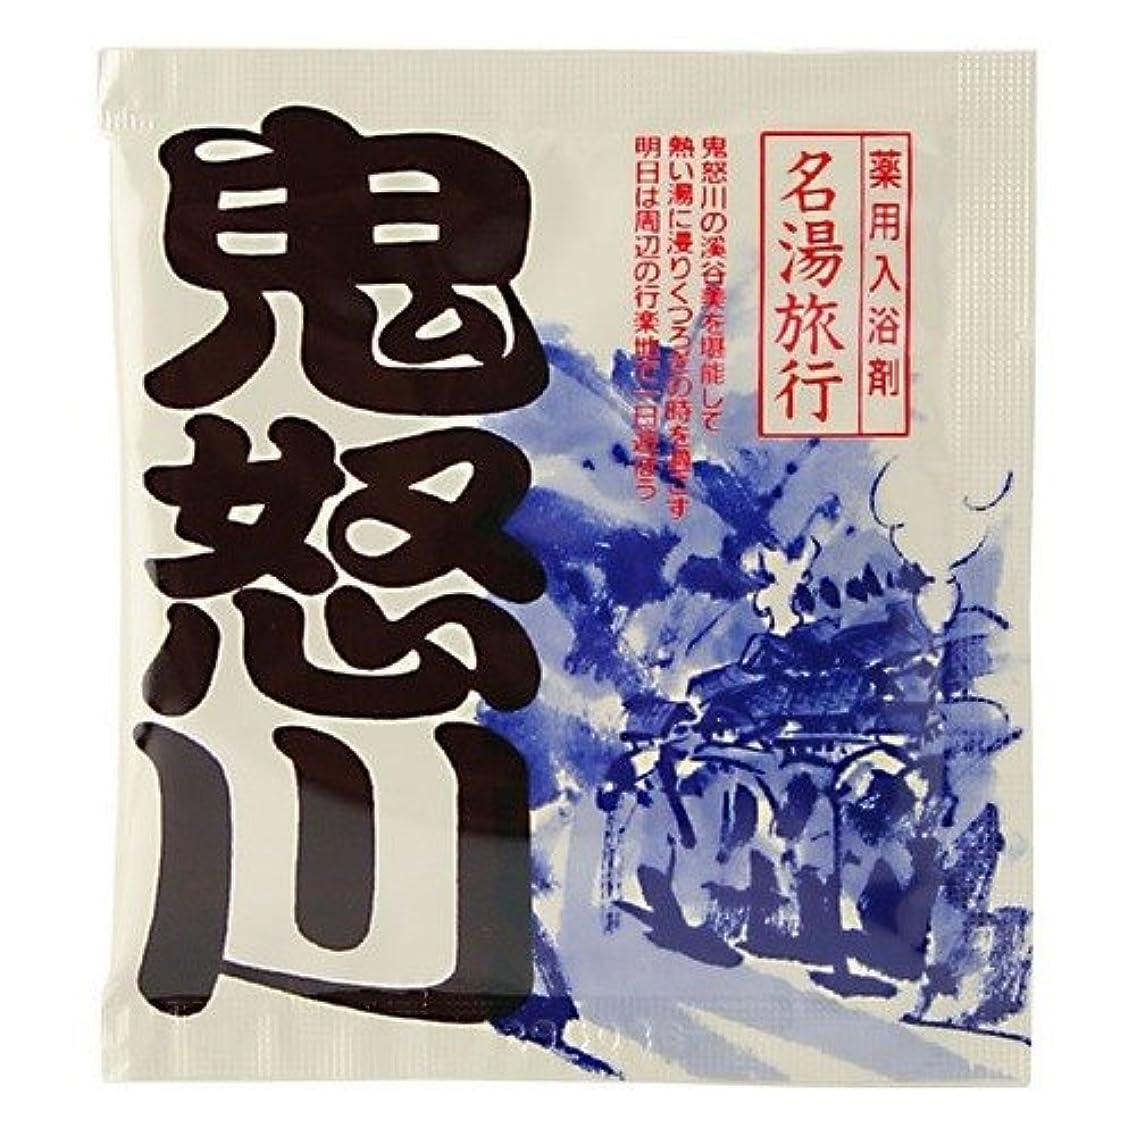 からに変化するプロフィールマングル五洲薬品 名湯旅行 鬼怒川 25g 4987332126706